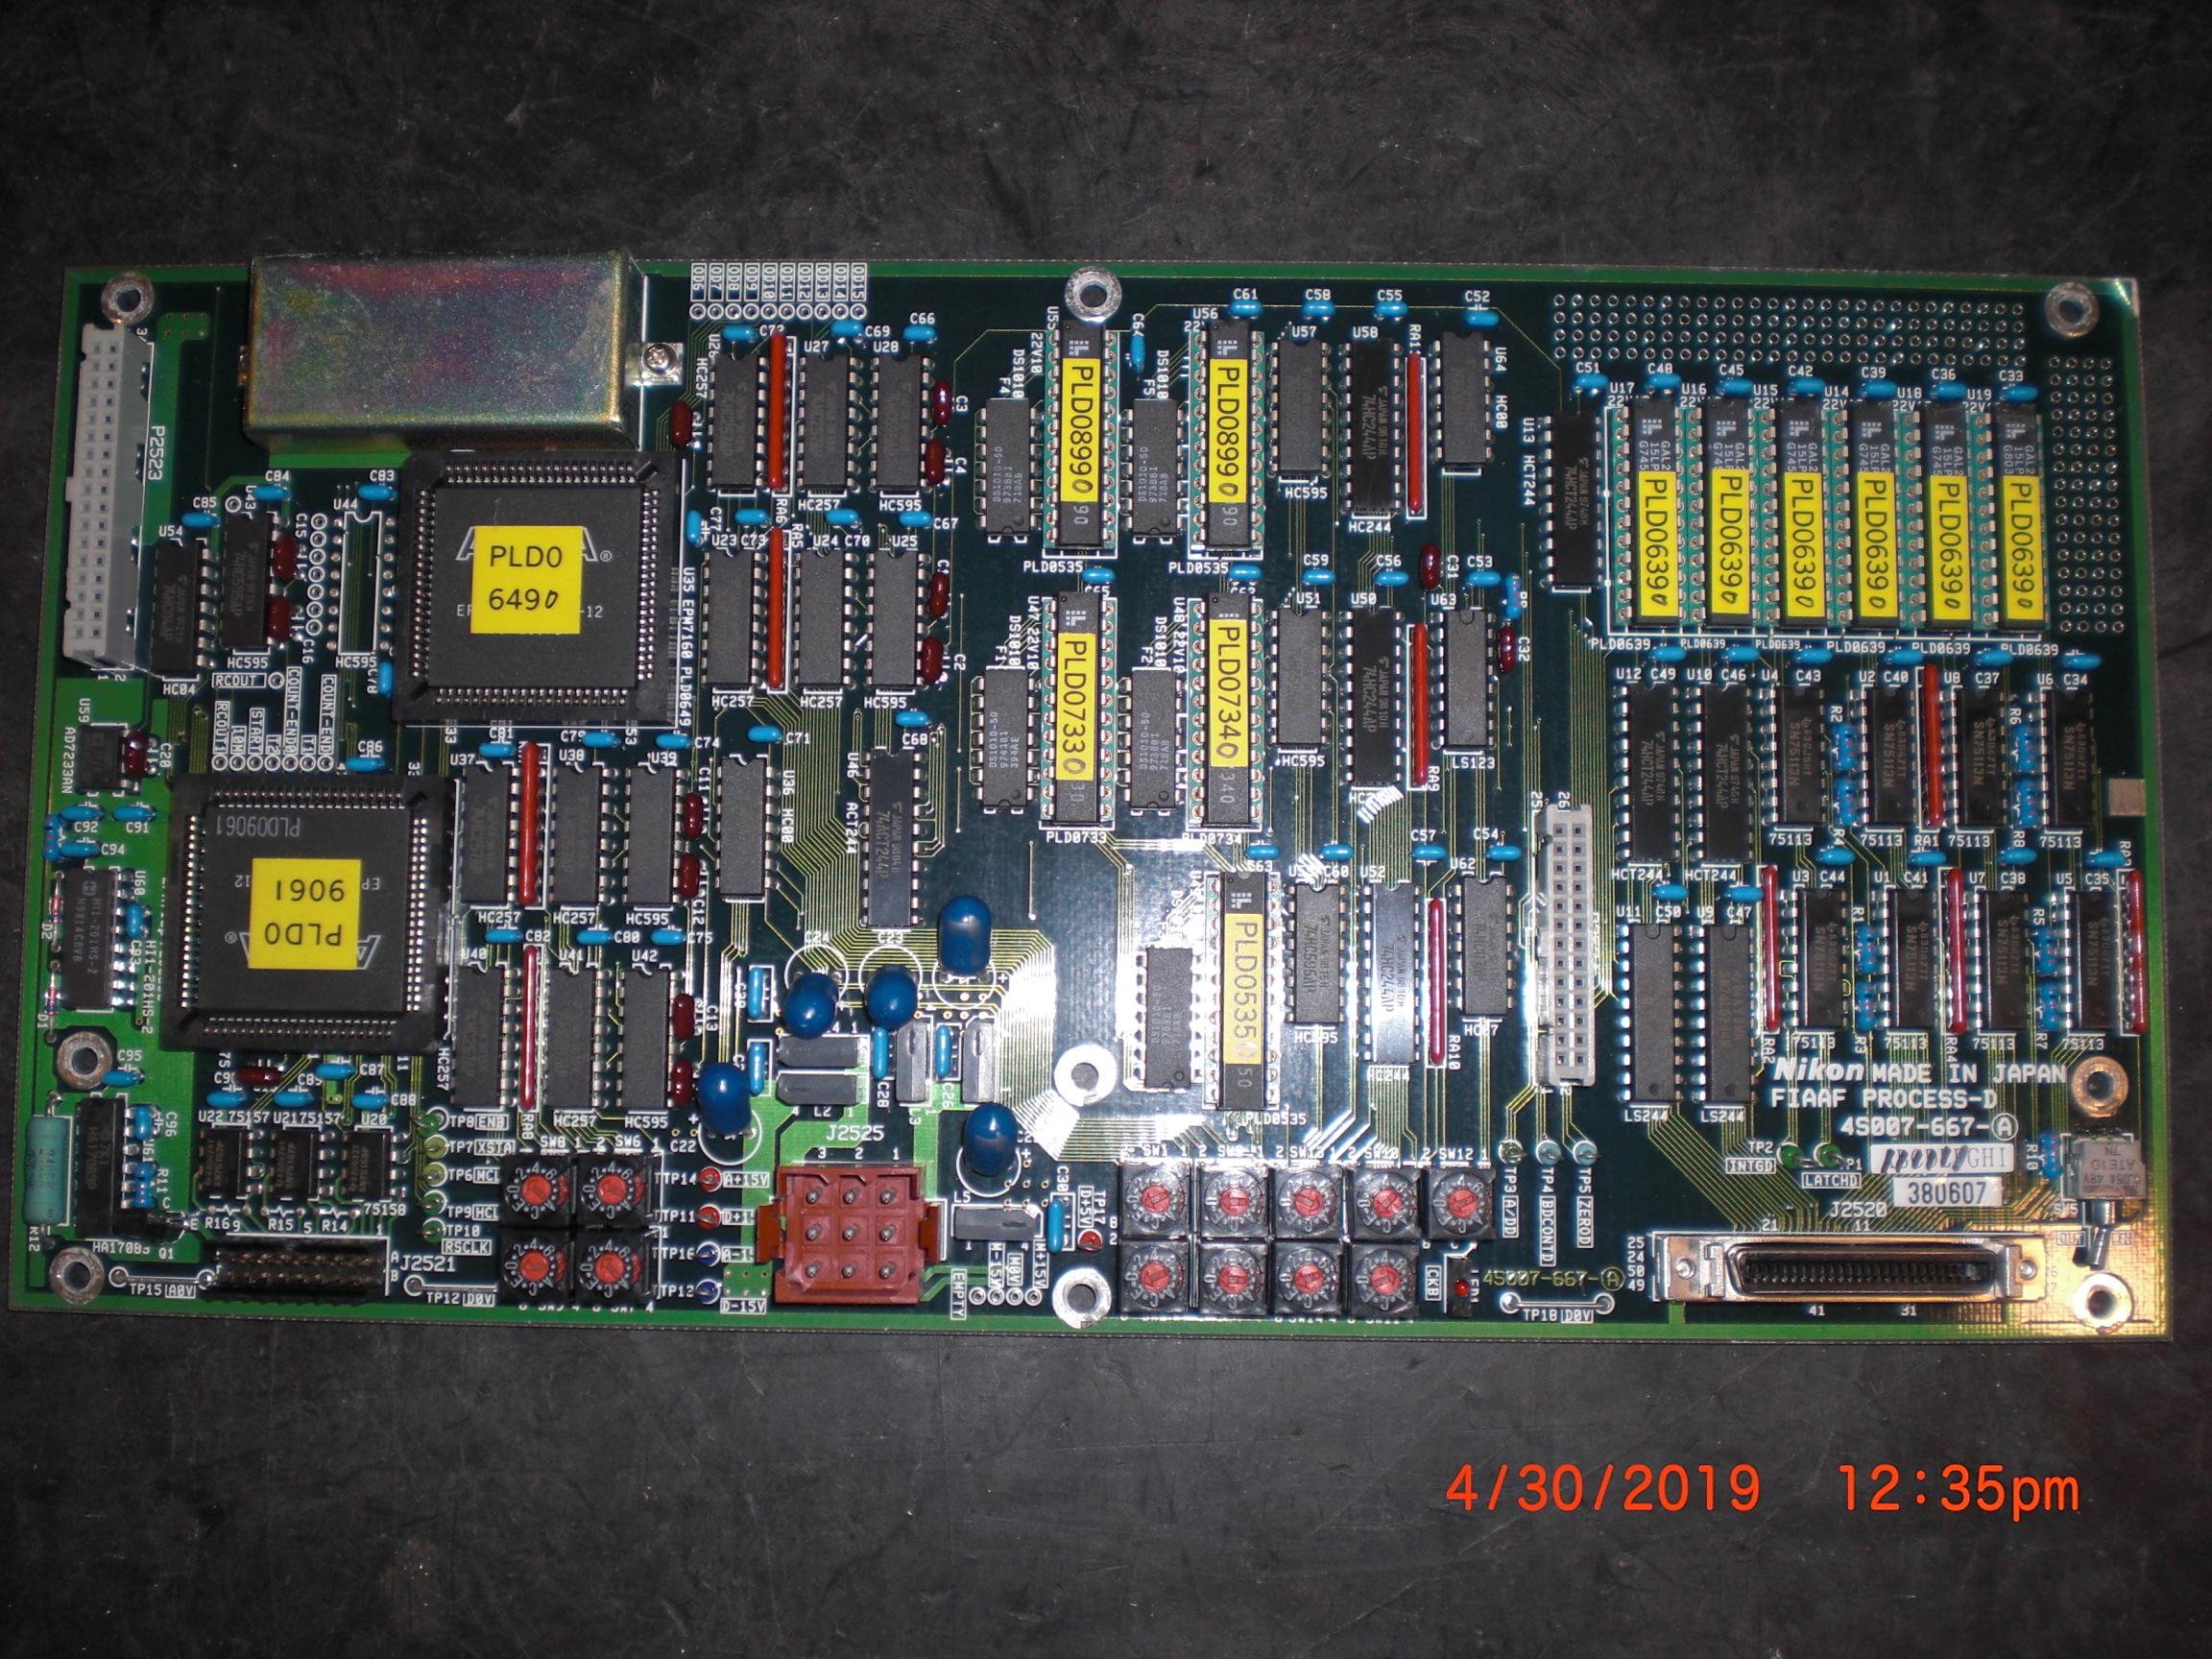 PCB NIKON 4S007-667-A  FIAAF Process - D